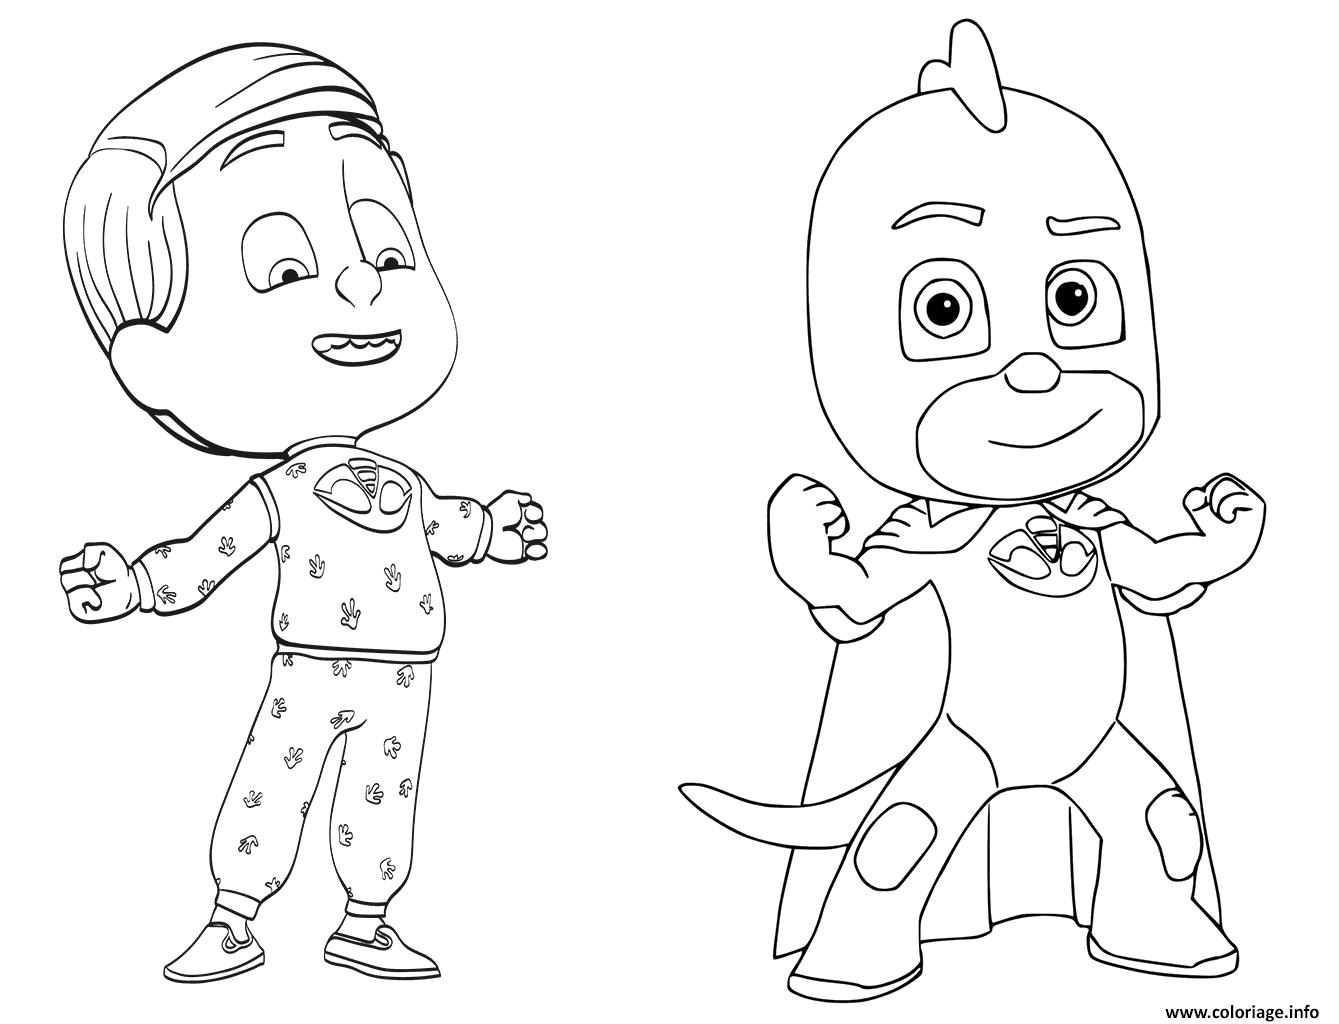 Coloriage Pyjamasques à Imprimer